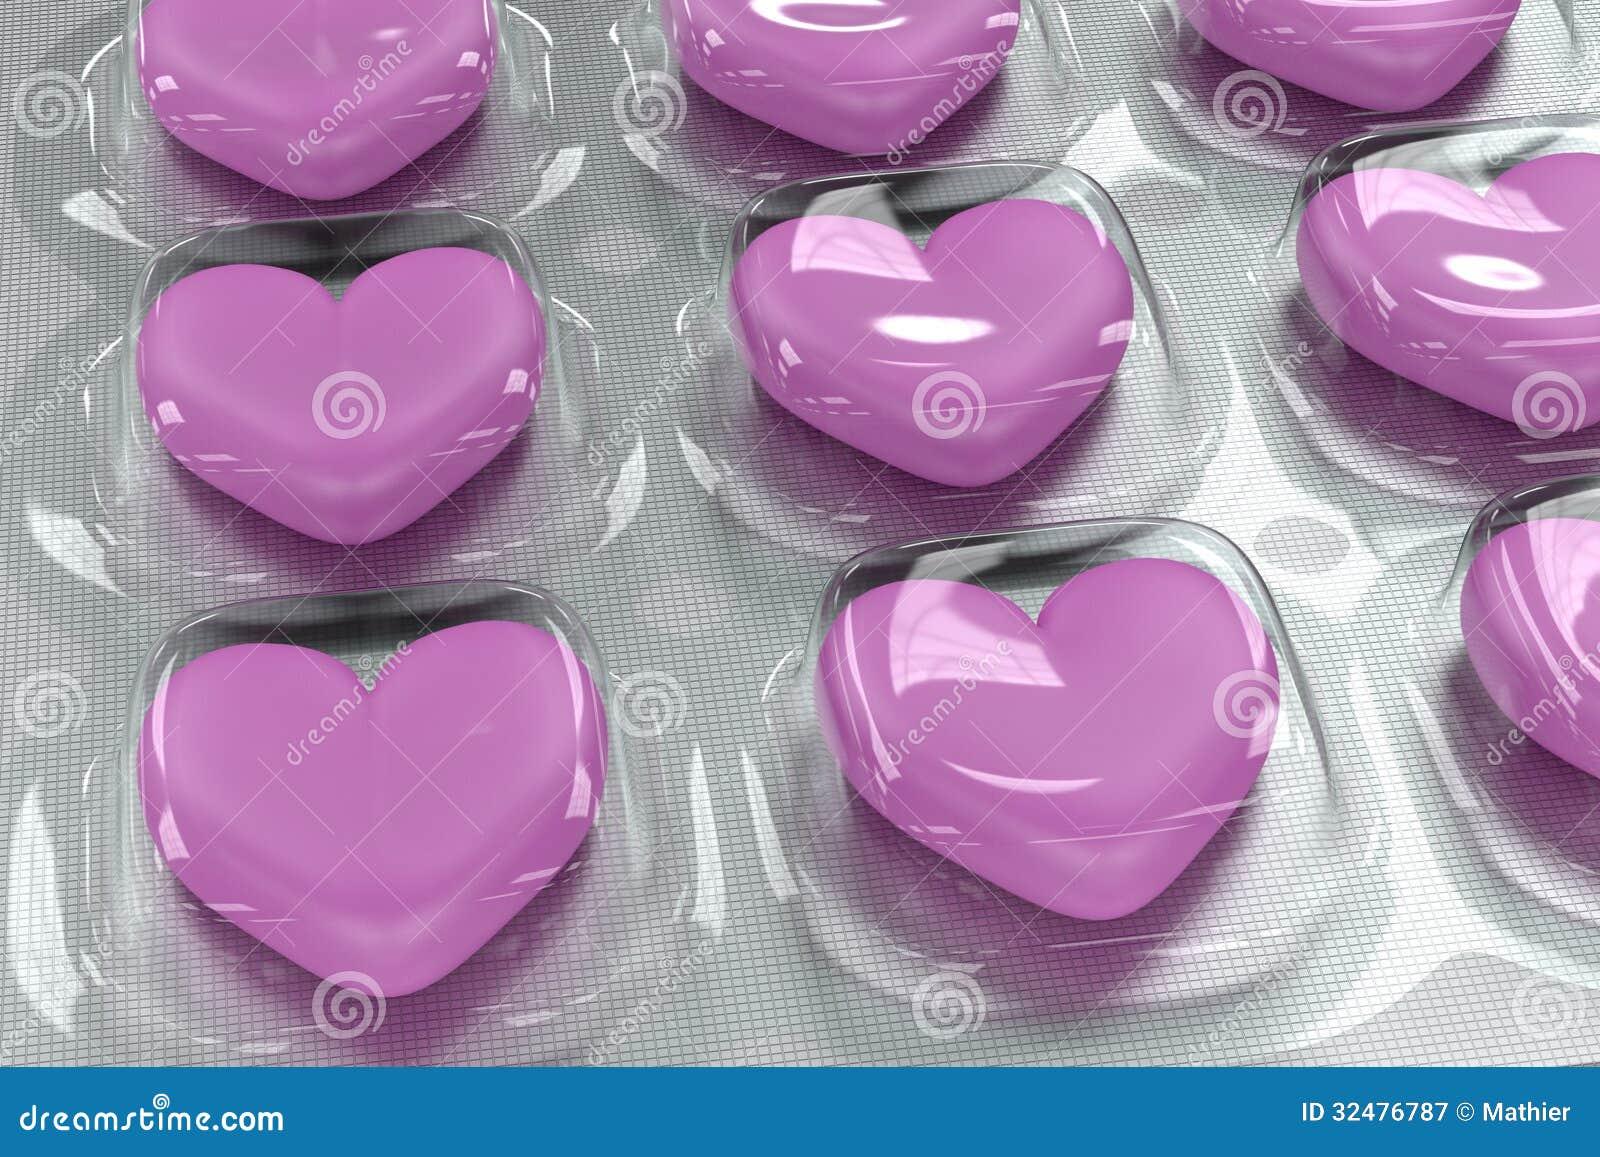 Viagra cor de rosa